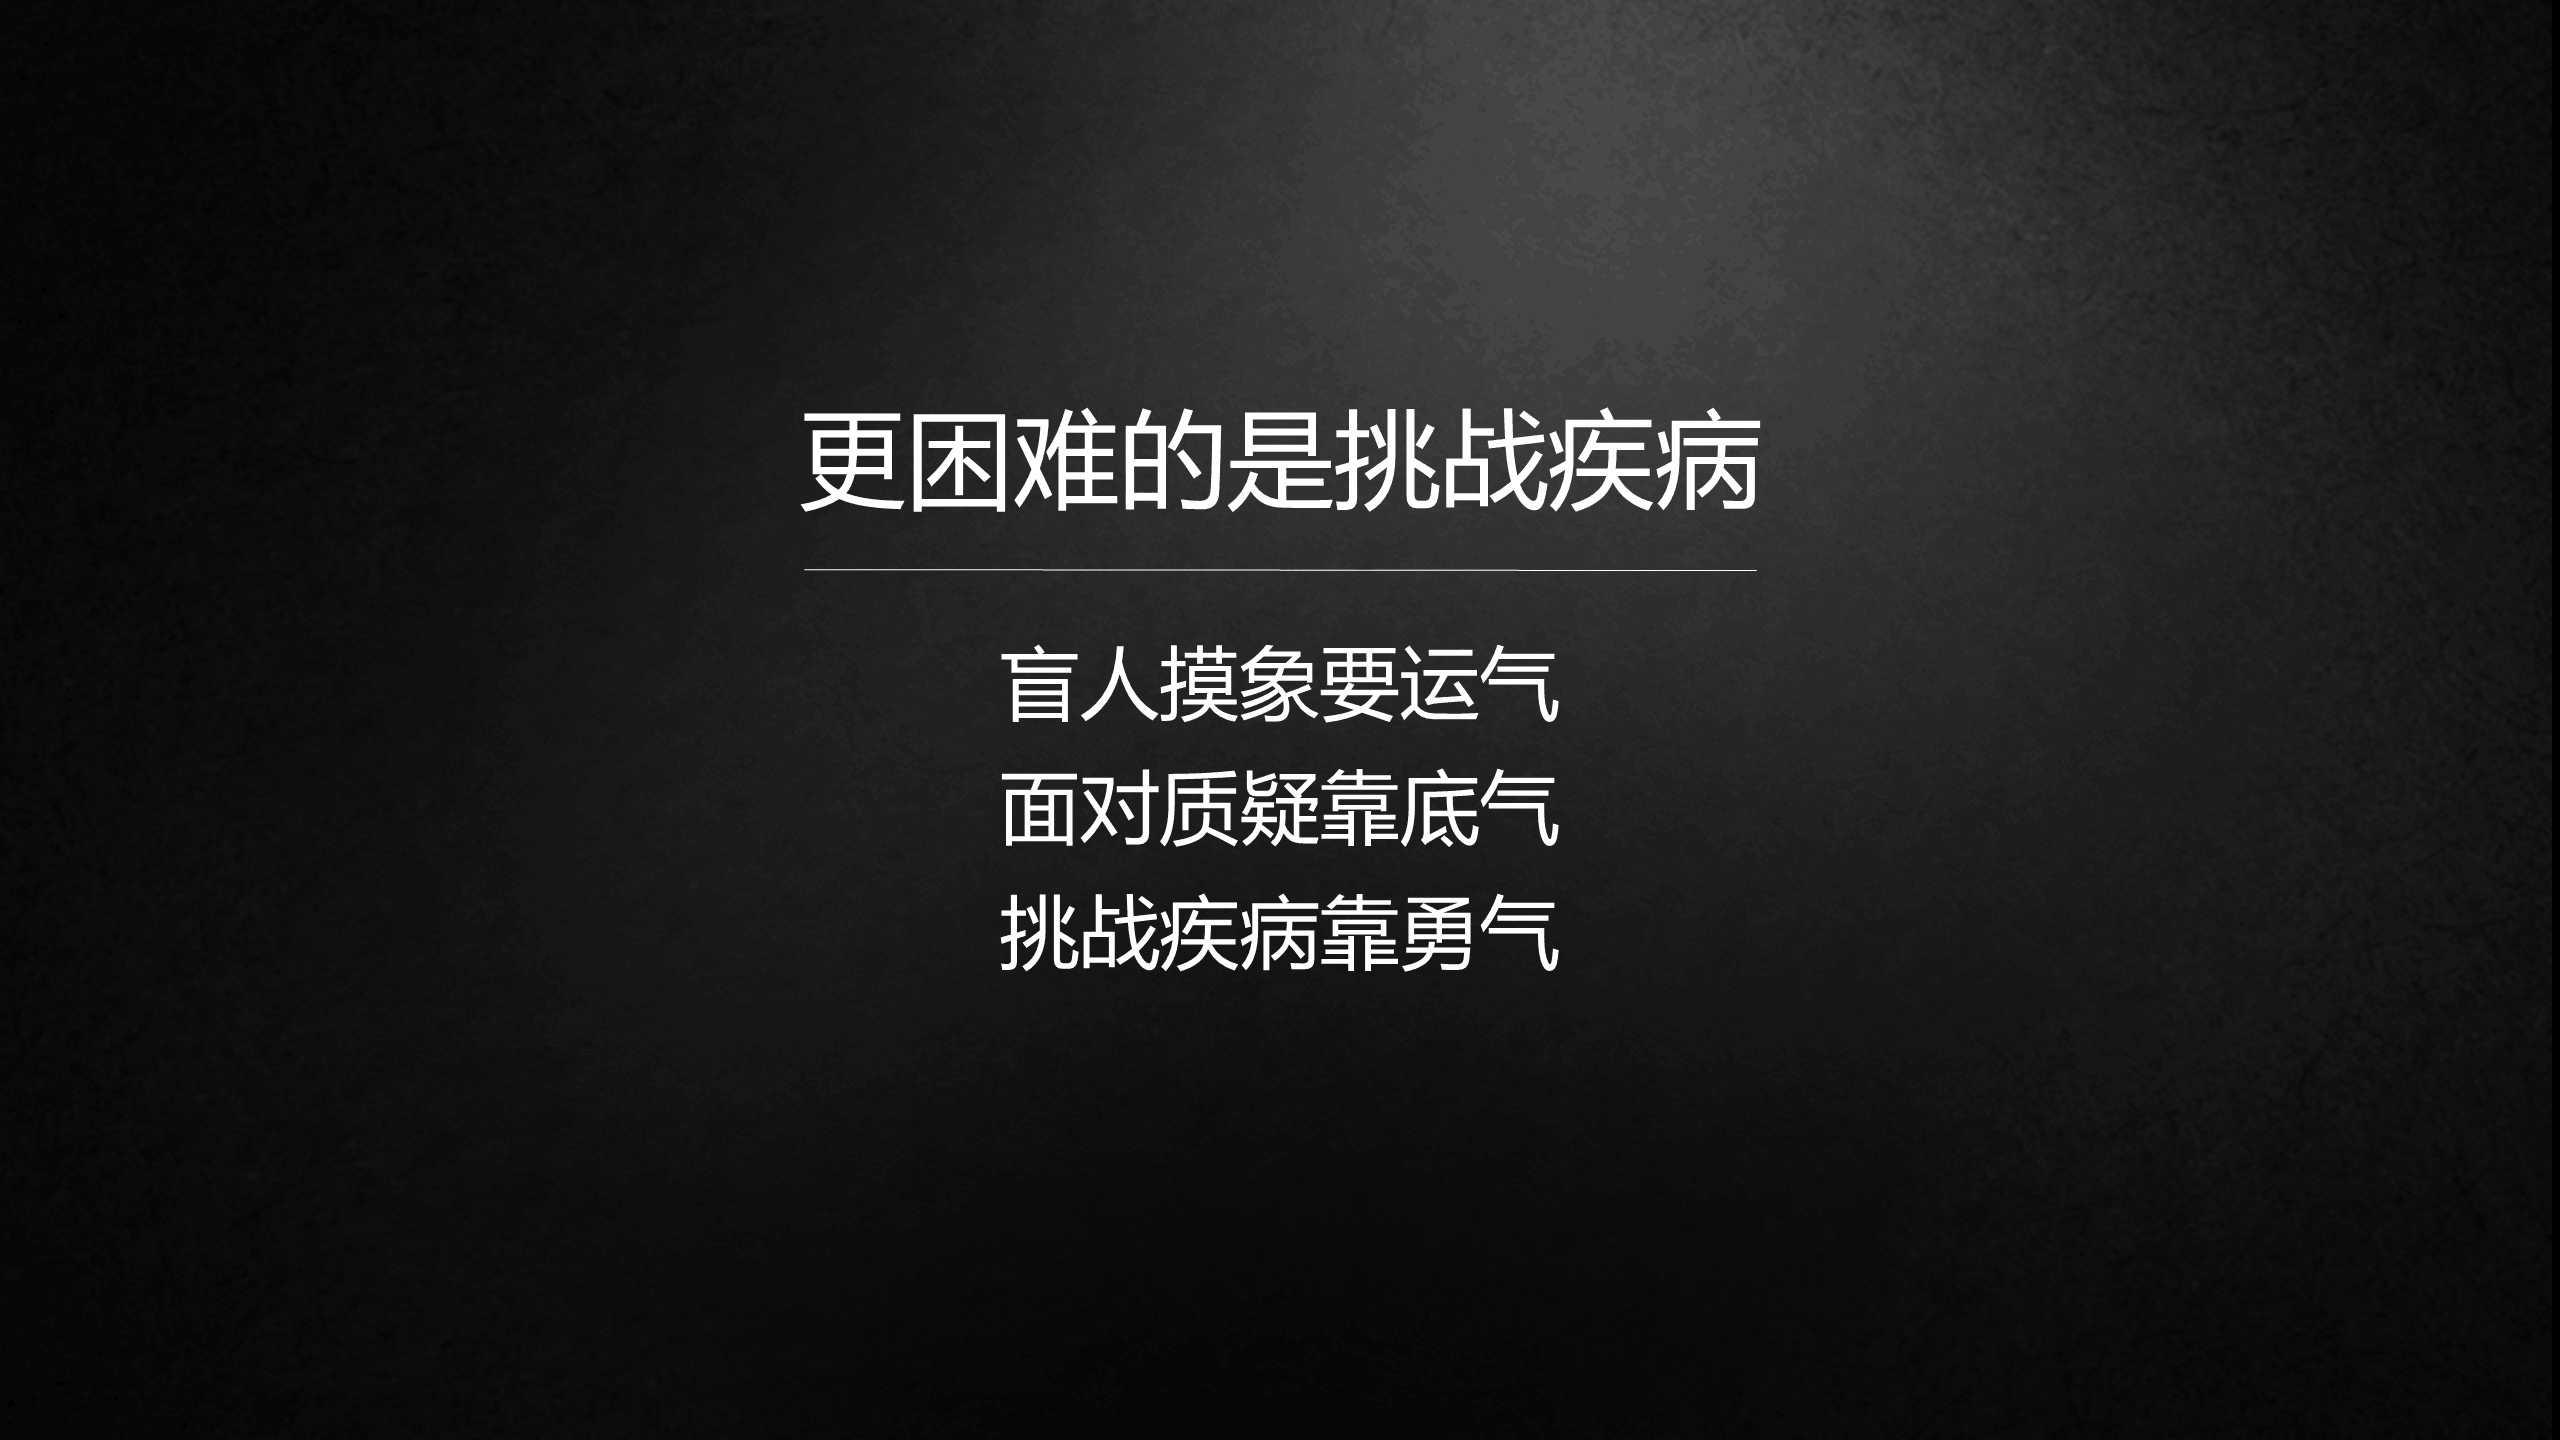 幻灯片7_ys.JPG